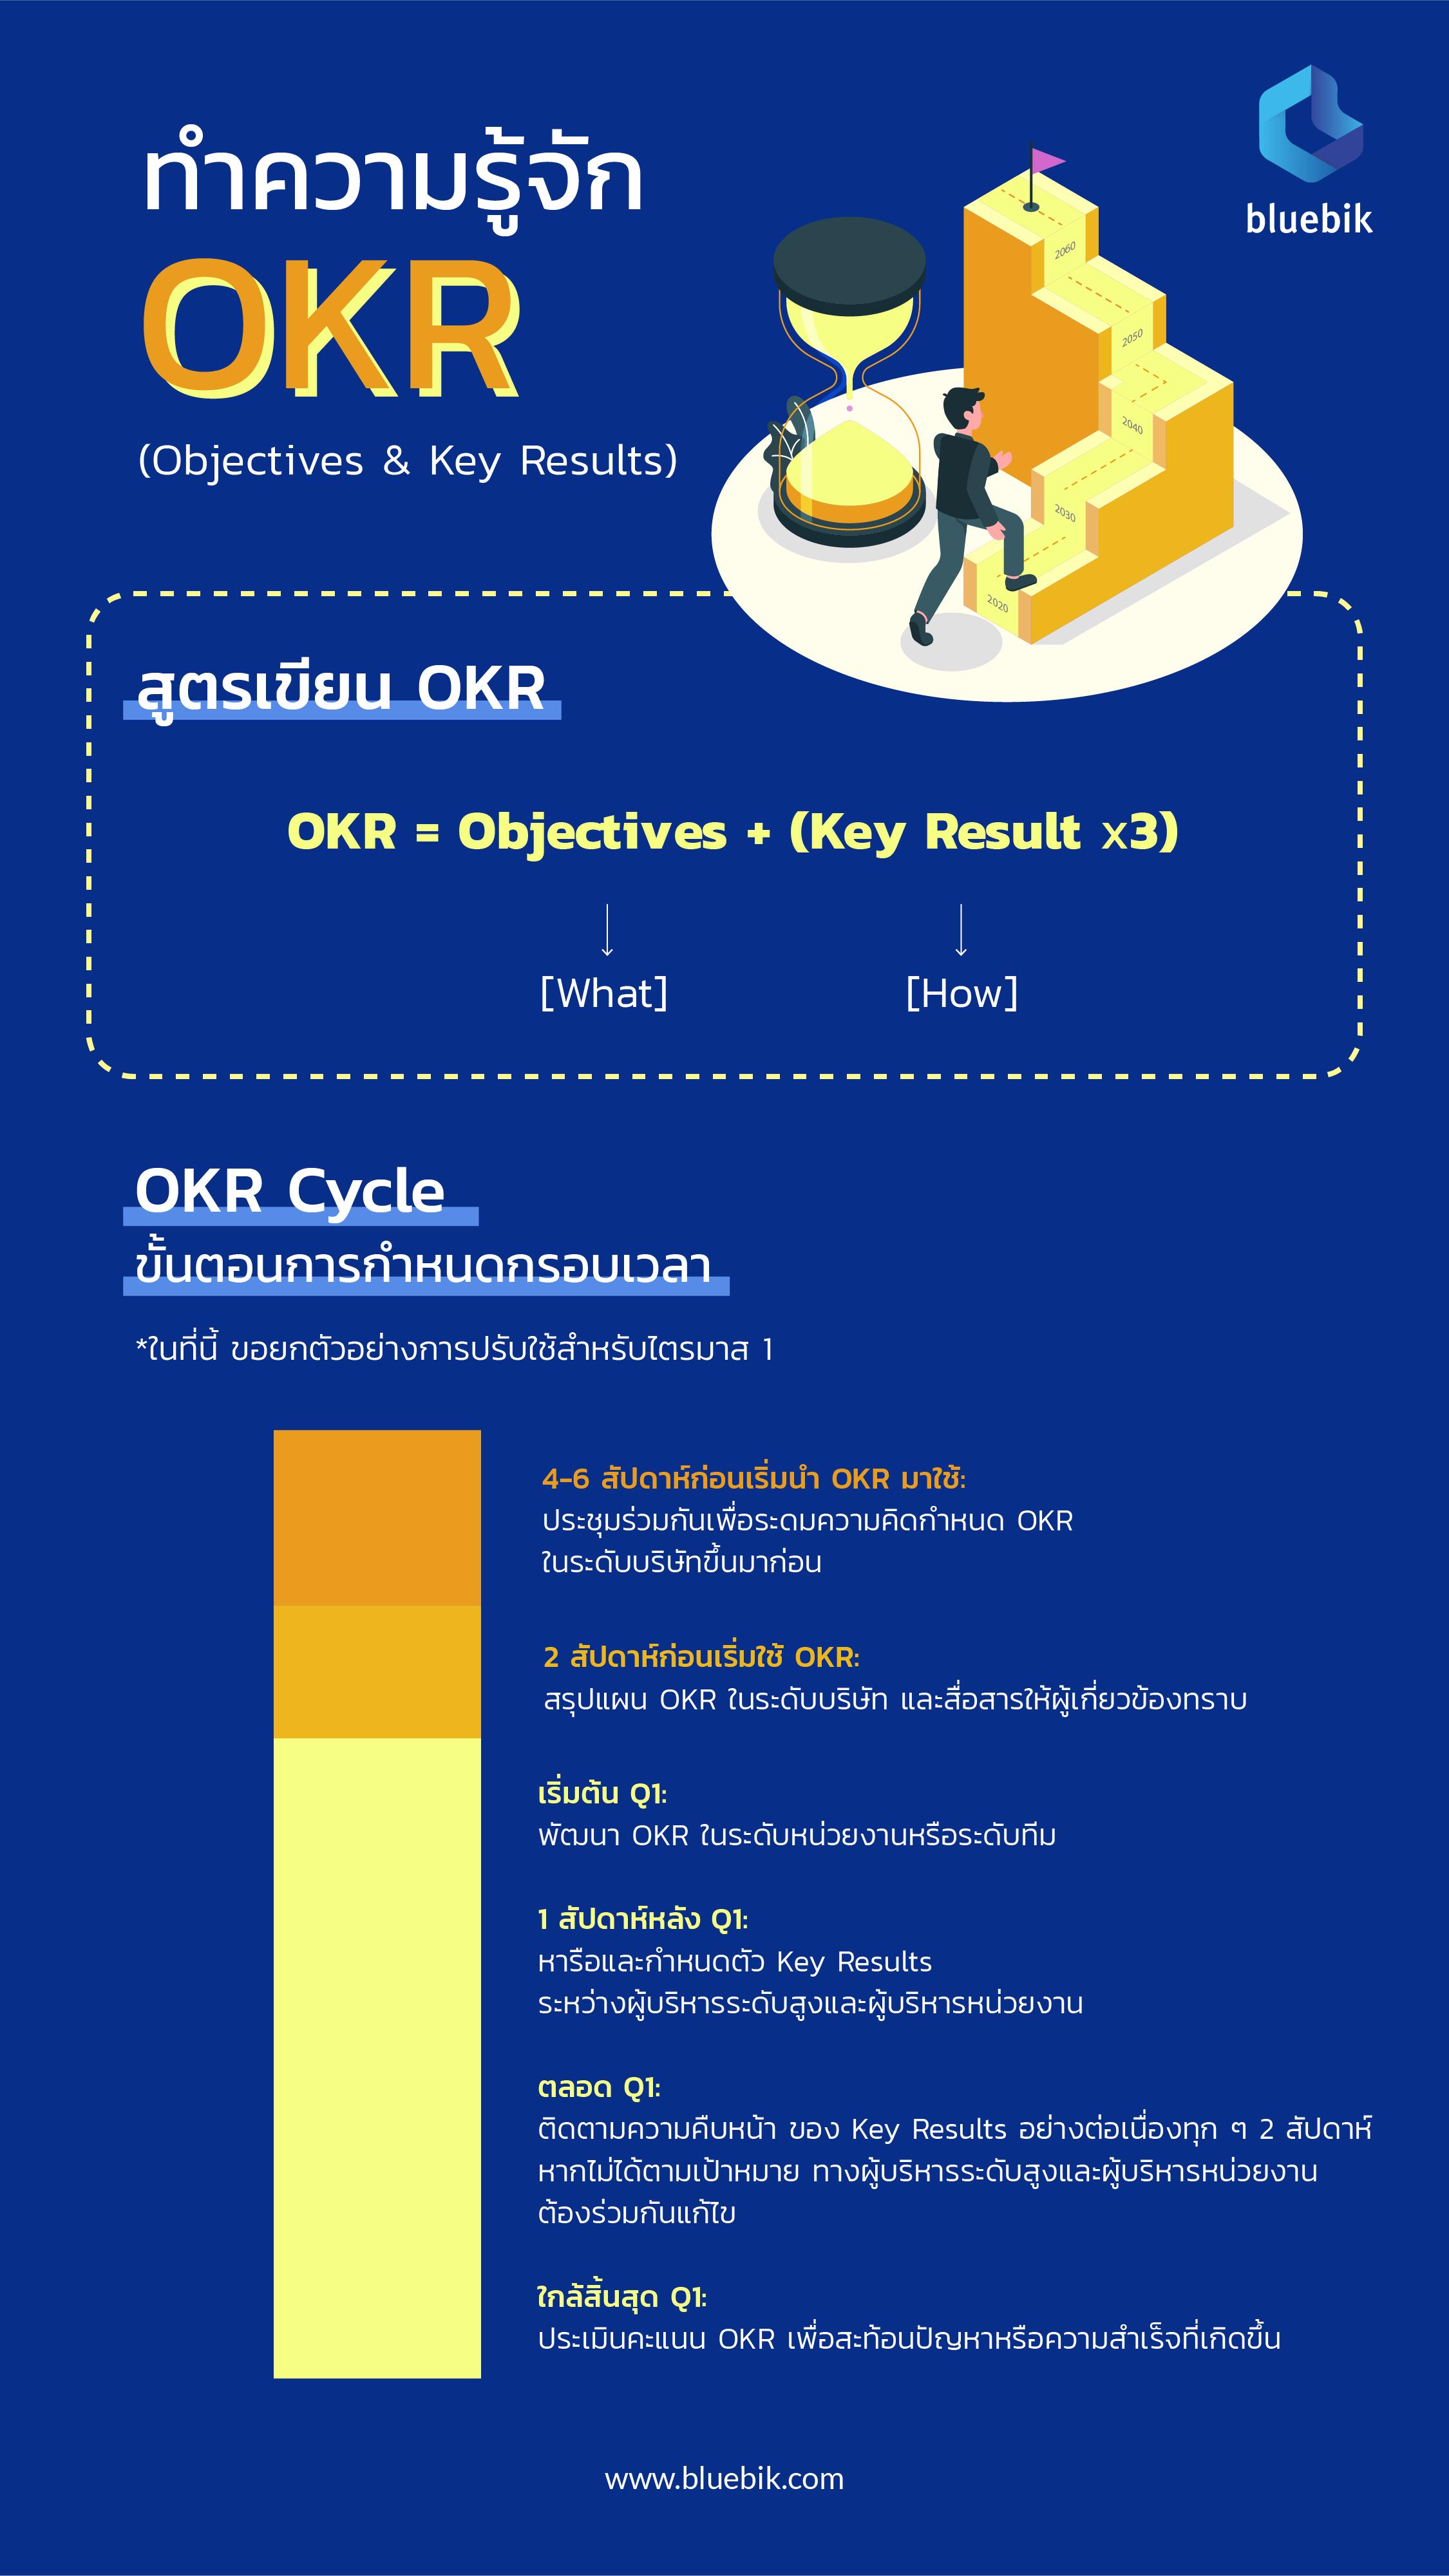 2020_10_16_OKR-01.png